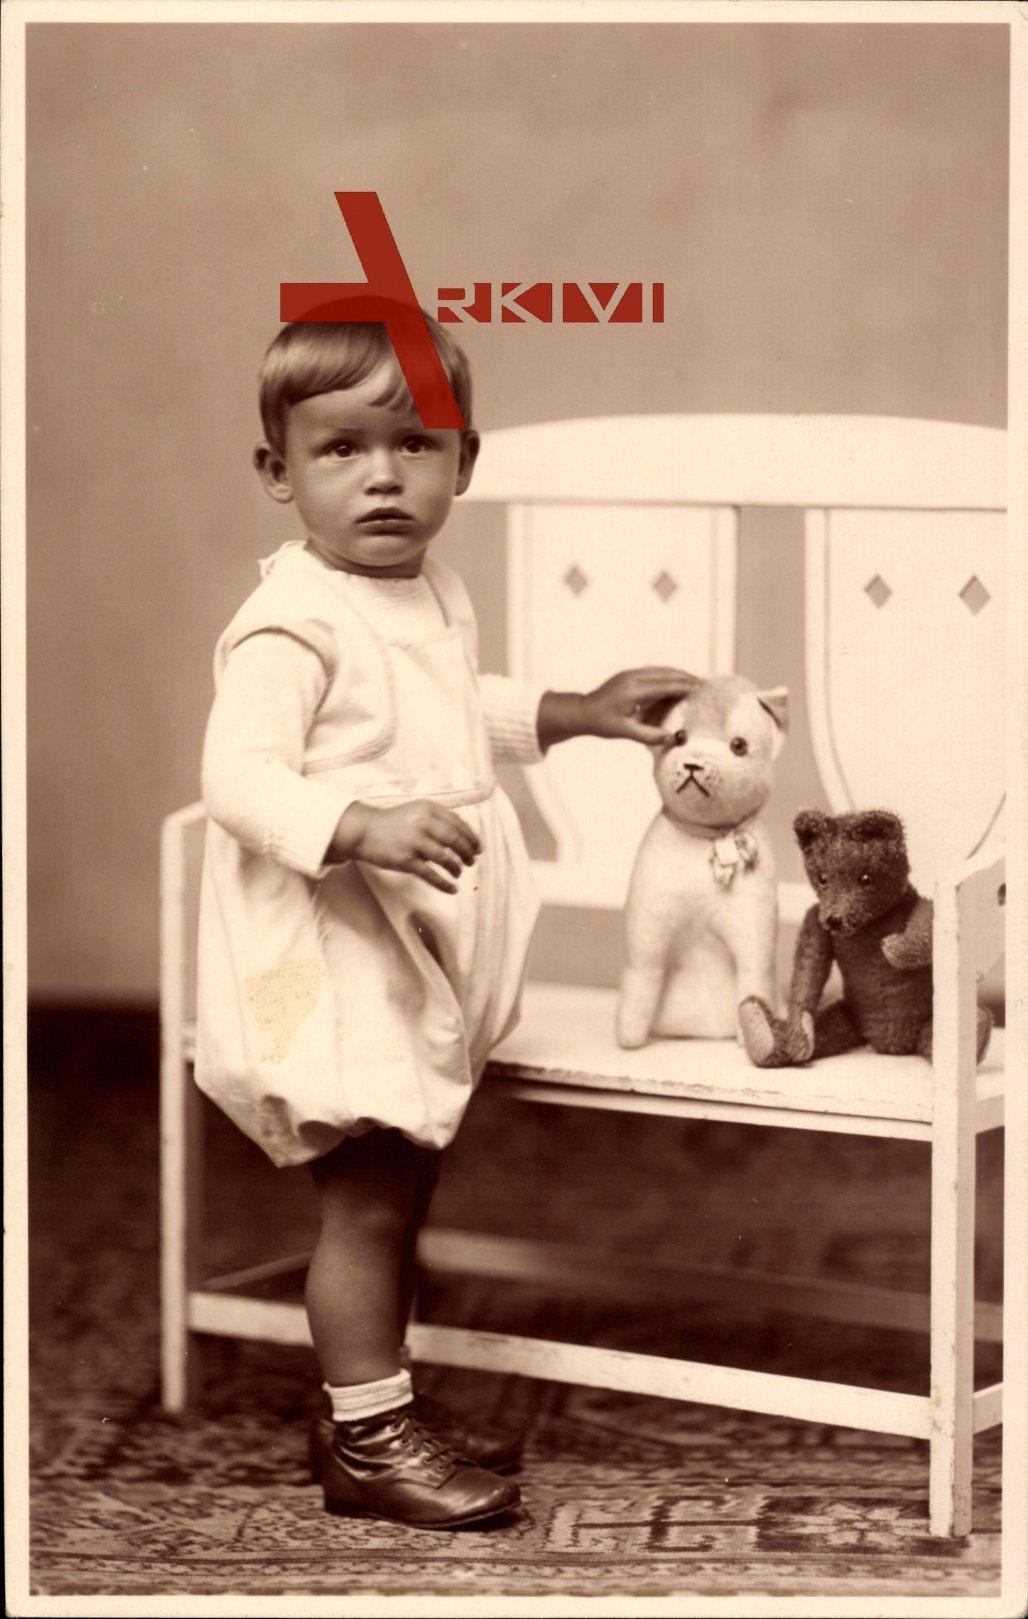 Ansicht eines kleinen Jungens, Spielzeug, Katze, Teddy